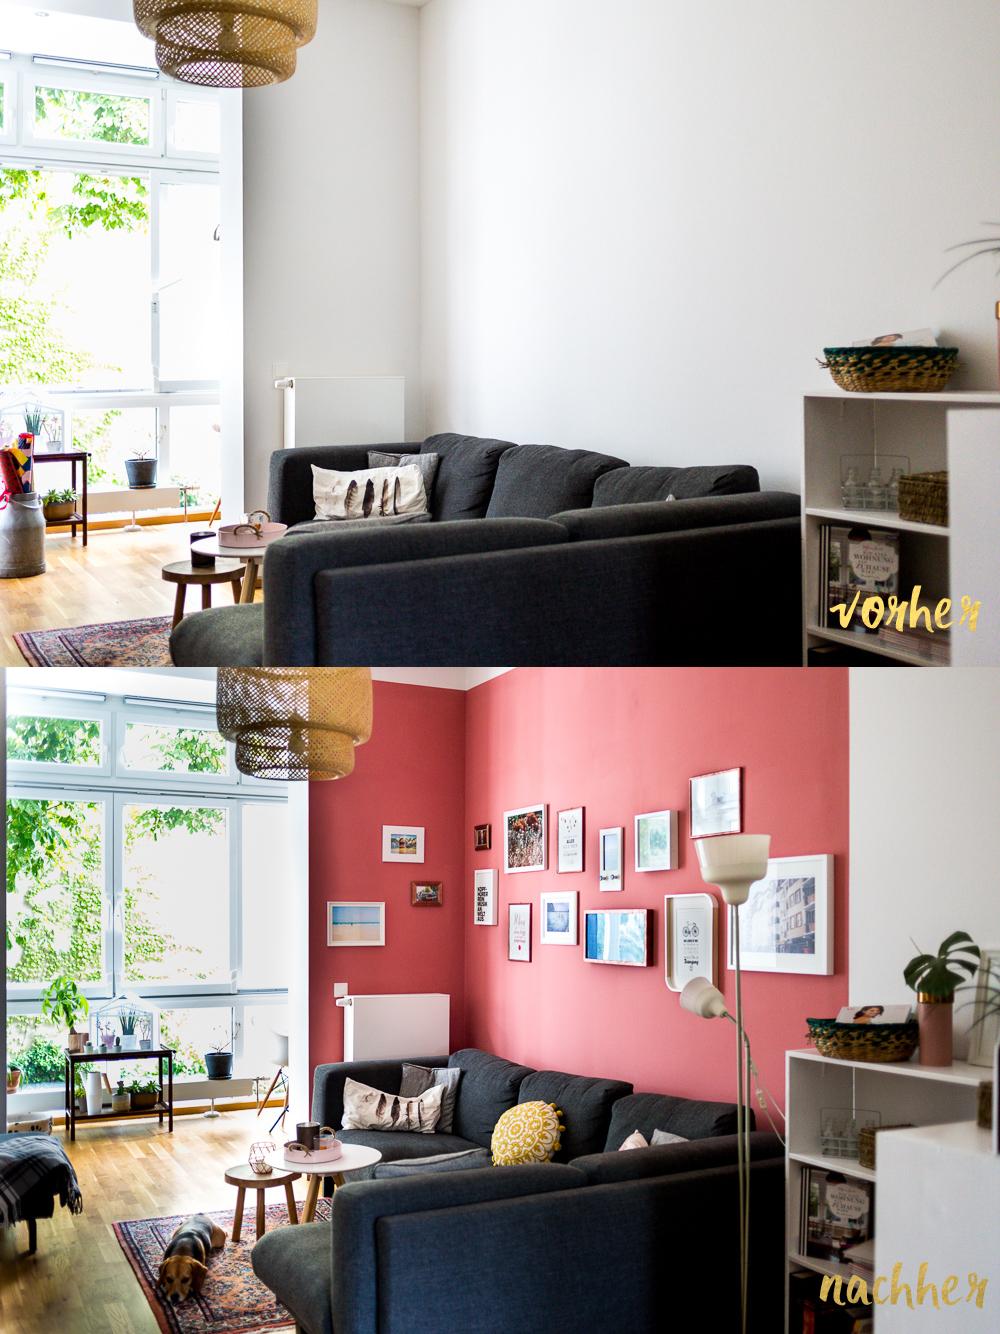 projekt traumwohnung 2.0 ? endlich farbe an den wänden mit schÖner ... - Schöner Wohnen Farben Wohnzimmer